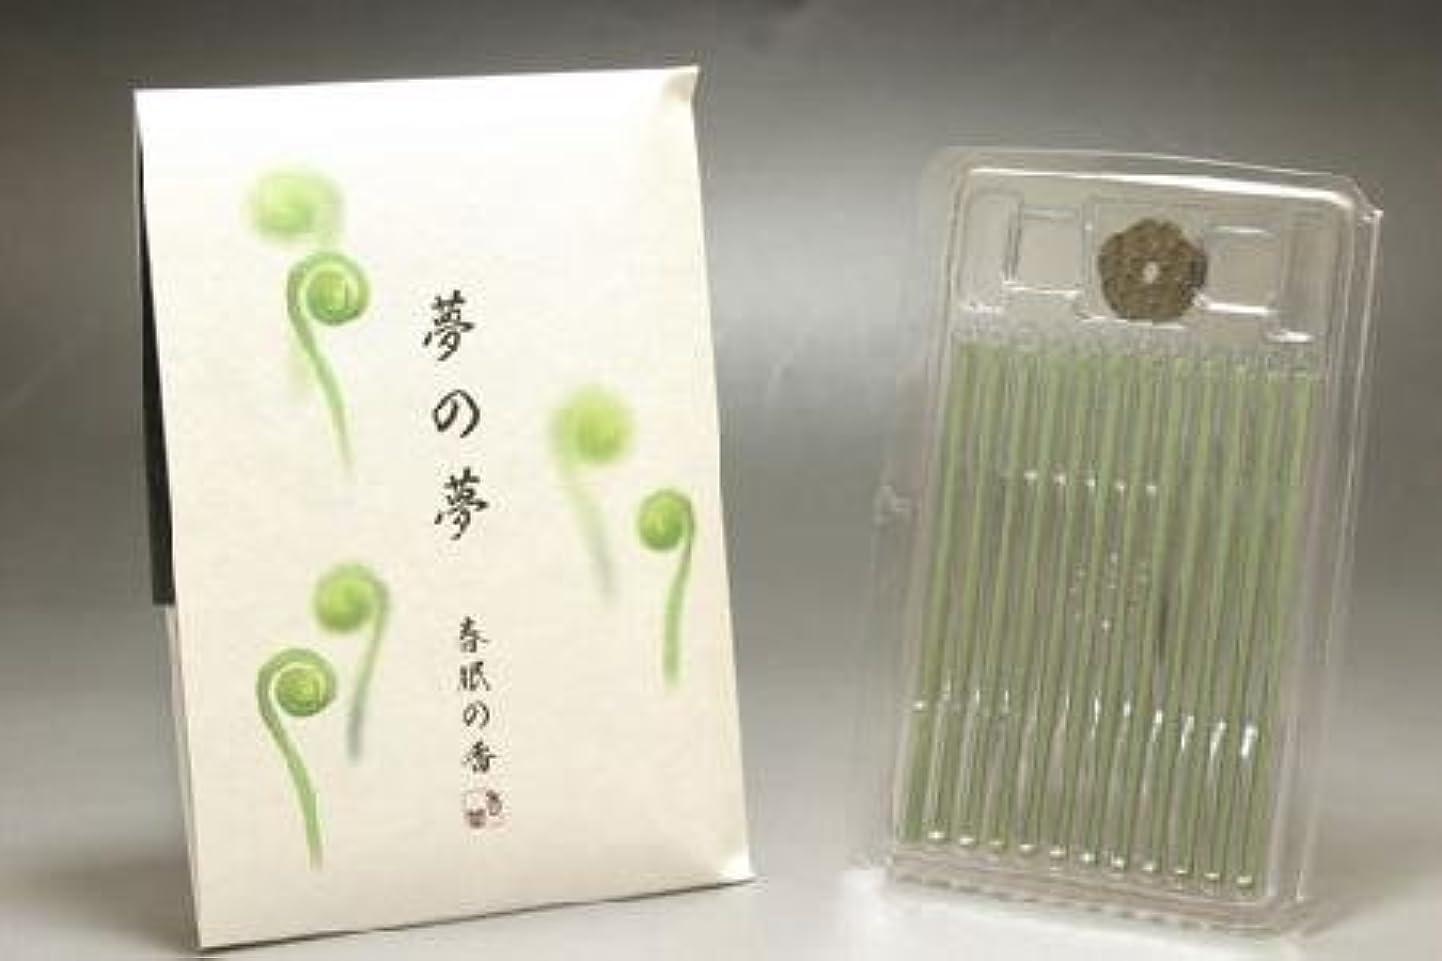 子犬起業家主張する日本香堂のお香 夢の夢 春眠の春(はるねむり)のお香 スティック型12本入